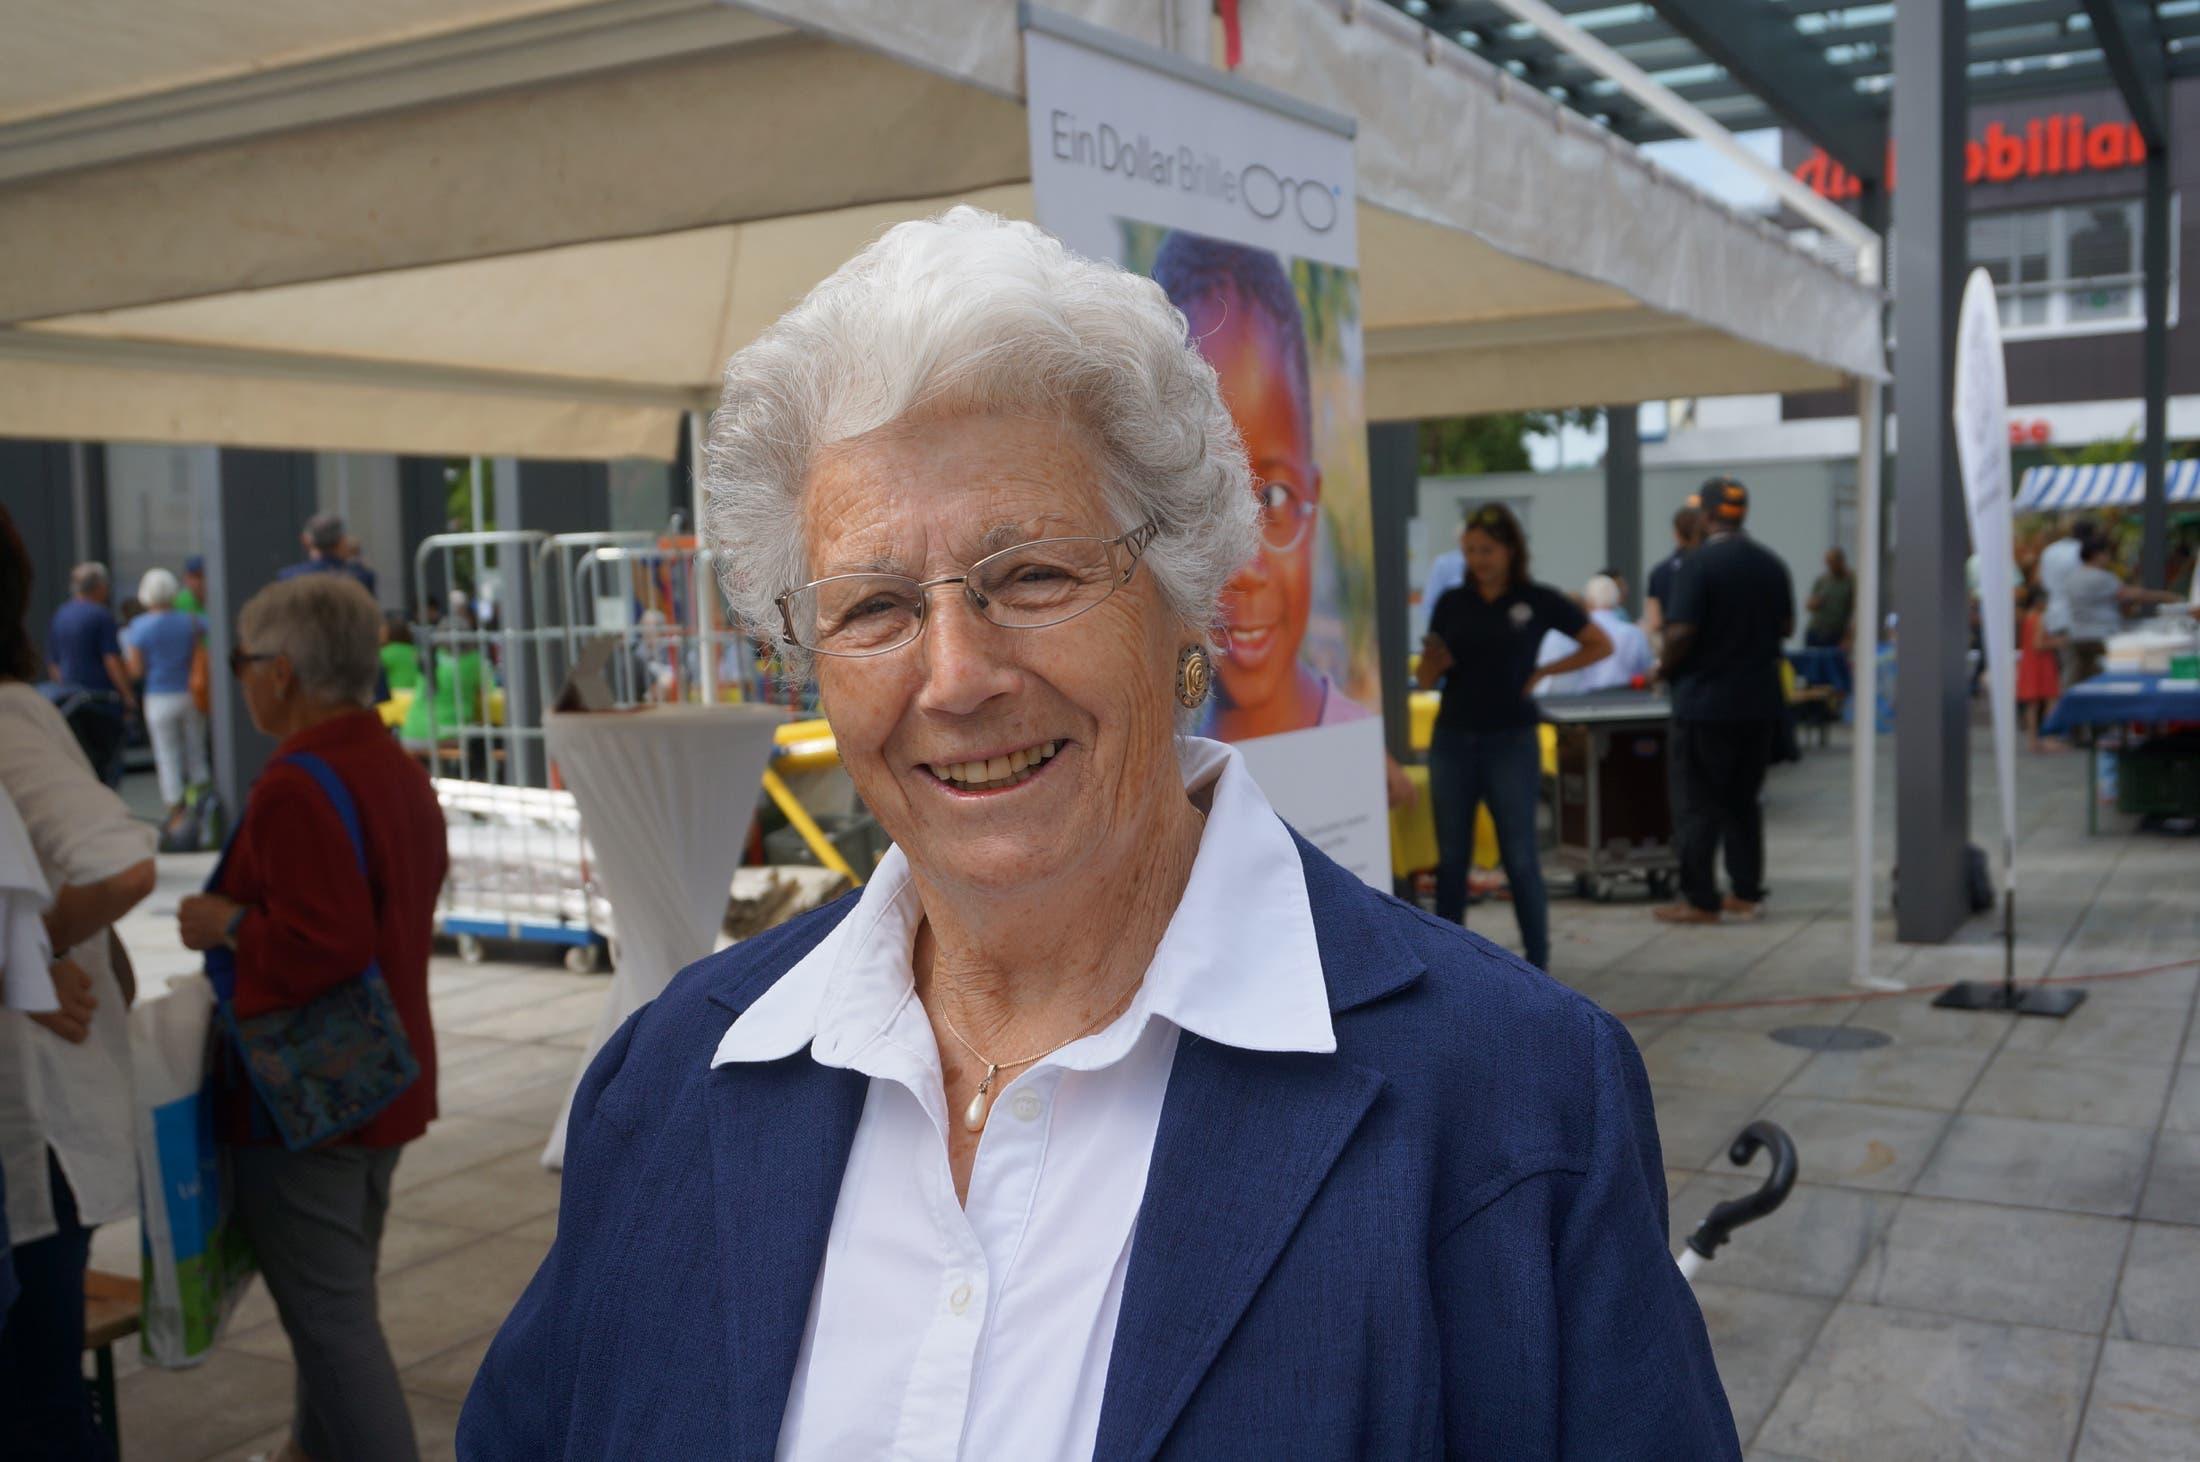 Christine Bollinger (80), Dietikon «Die Brille ist einfach praktisch und hilfreich. Modisch braucht sie nicht zu sein. Ich kenne den Lions Club Limmattal seit 10 Jahren und sehe, dass der Club viele gute Sachen macht.»